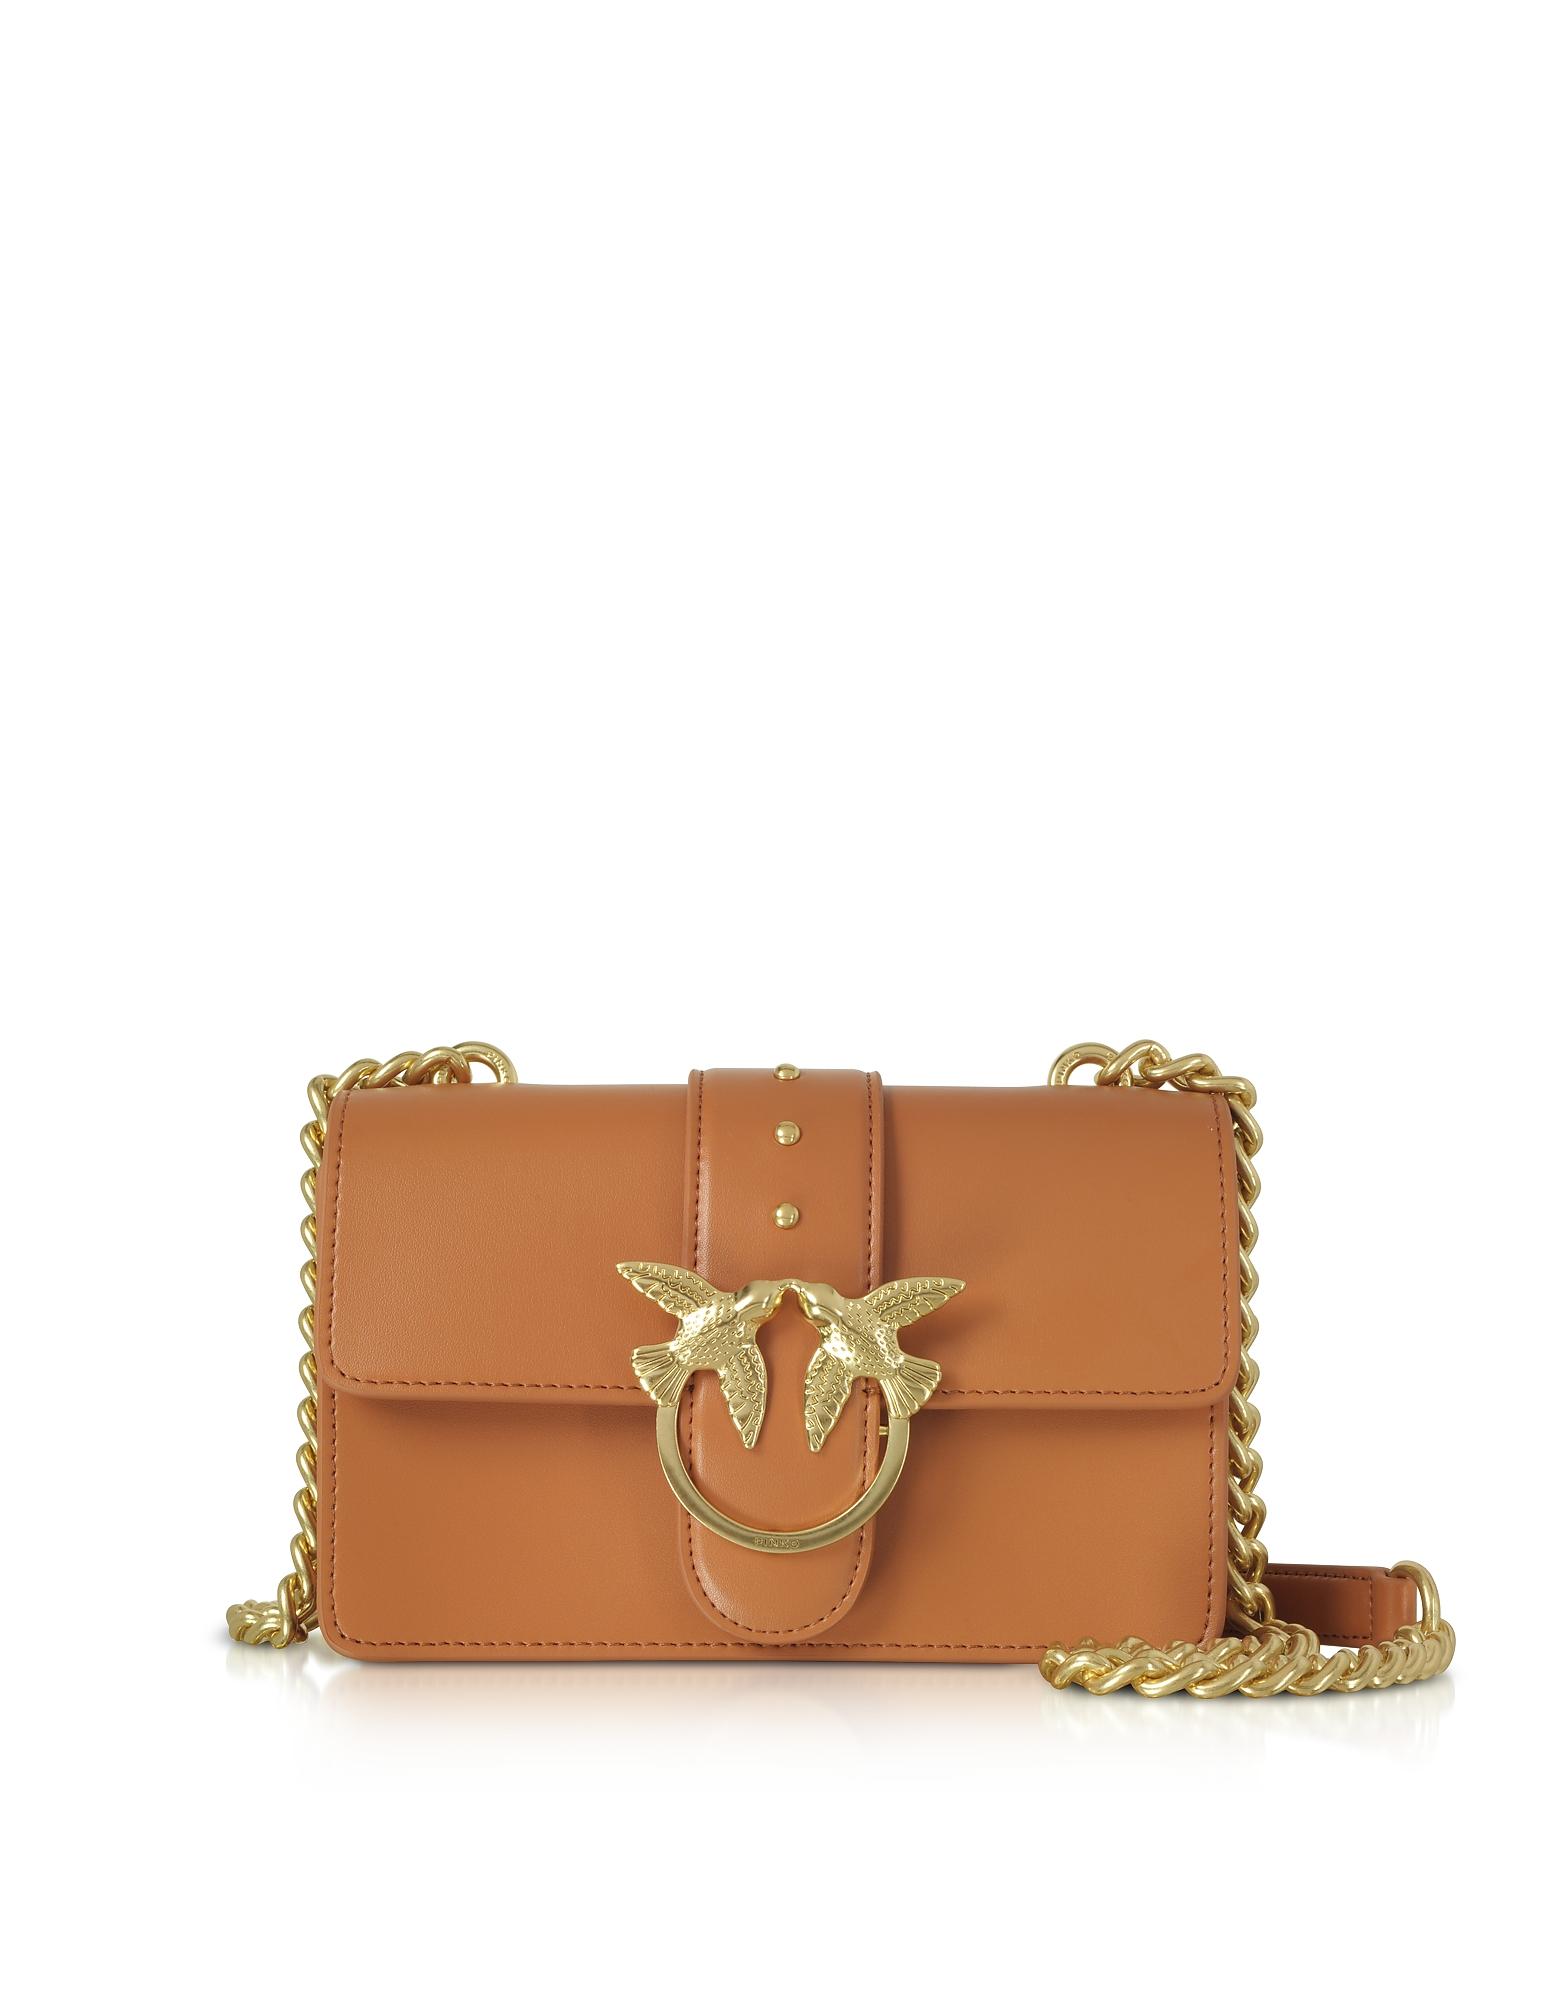 Pinko Handbags, Mini Love Simply 3 Shoulder Bag